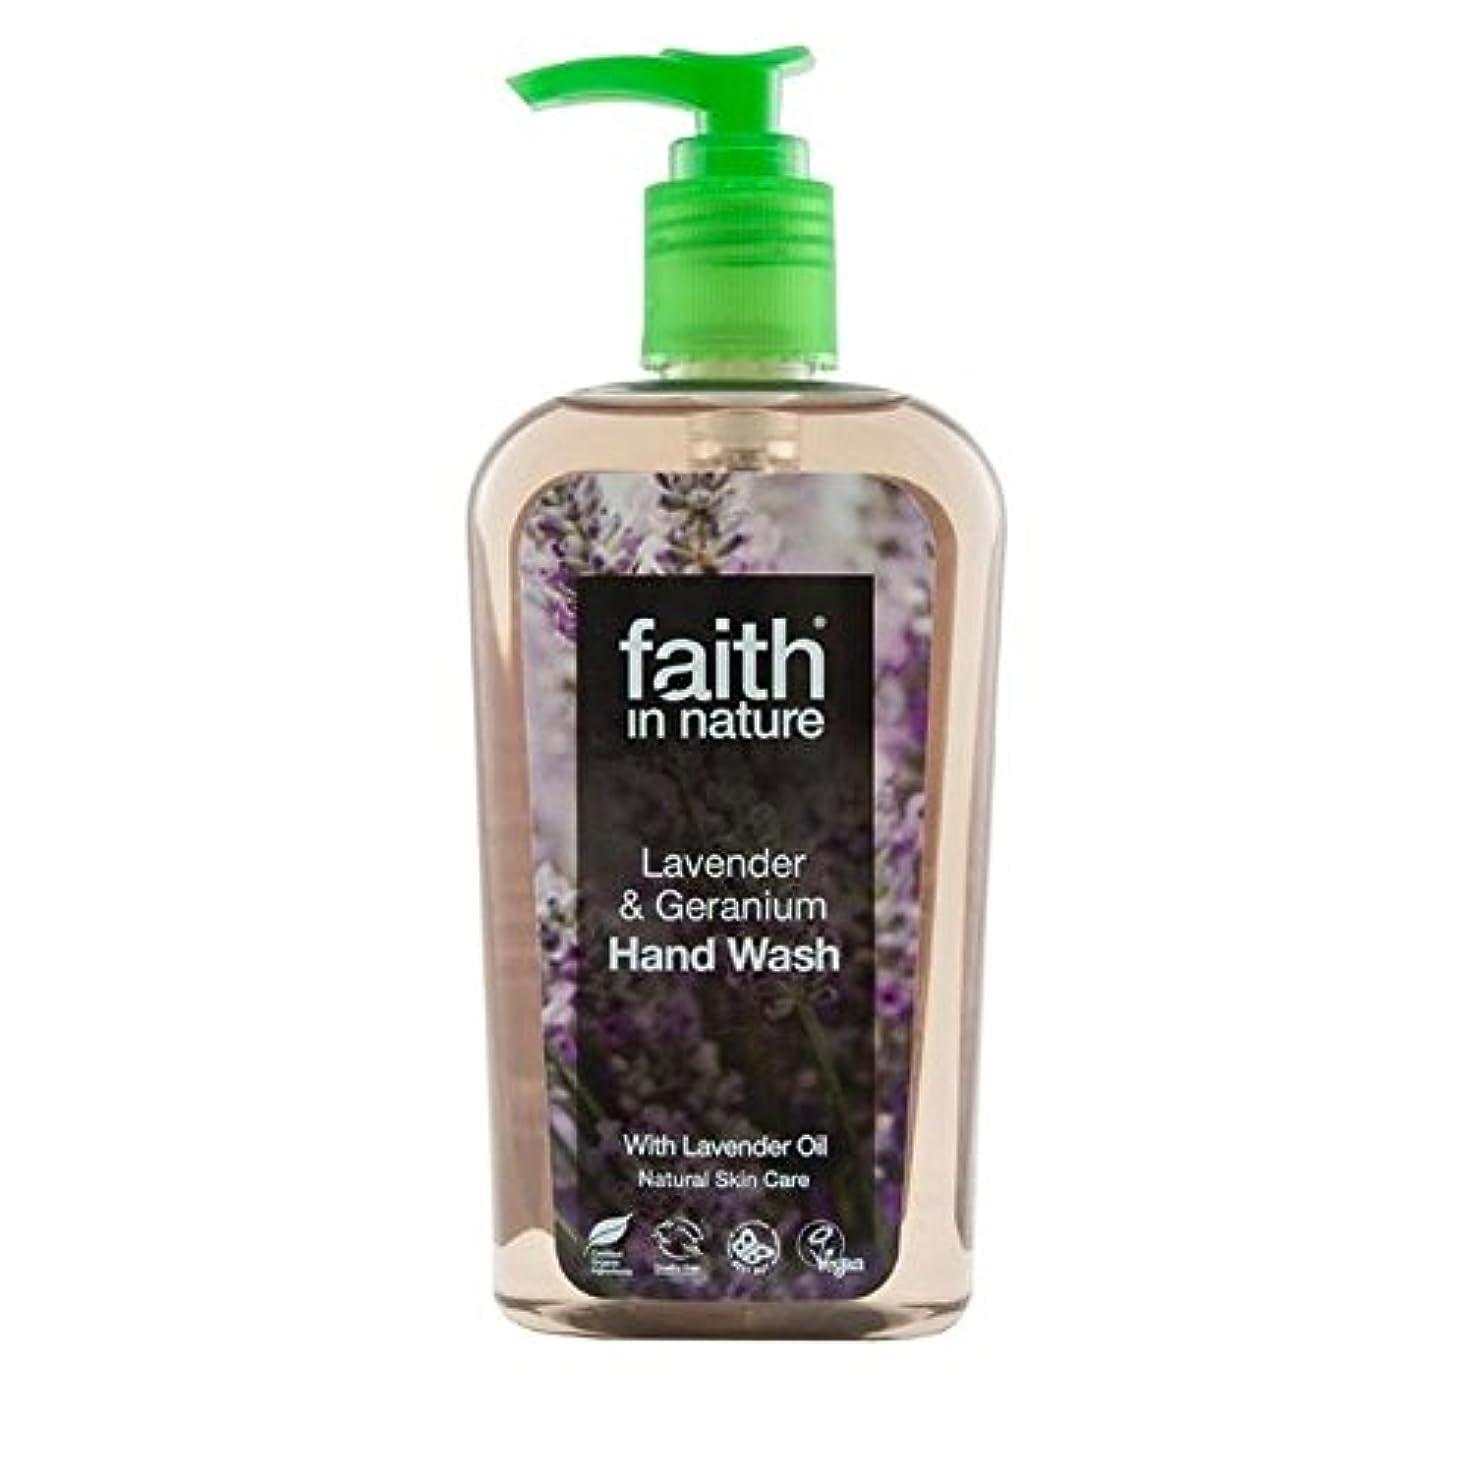 恐怖落ちた溶かすFaith in Nature Lavender & Geranium Handwash 300ml - (Faith In Nature) 自然ラベンダー&ゼラニウム手洗いの300ミリリットルの信仰 [並行輸入品]